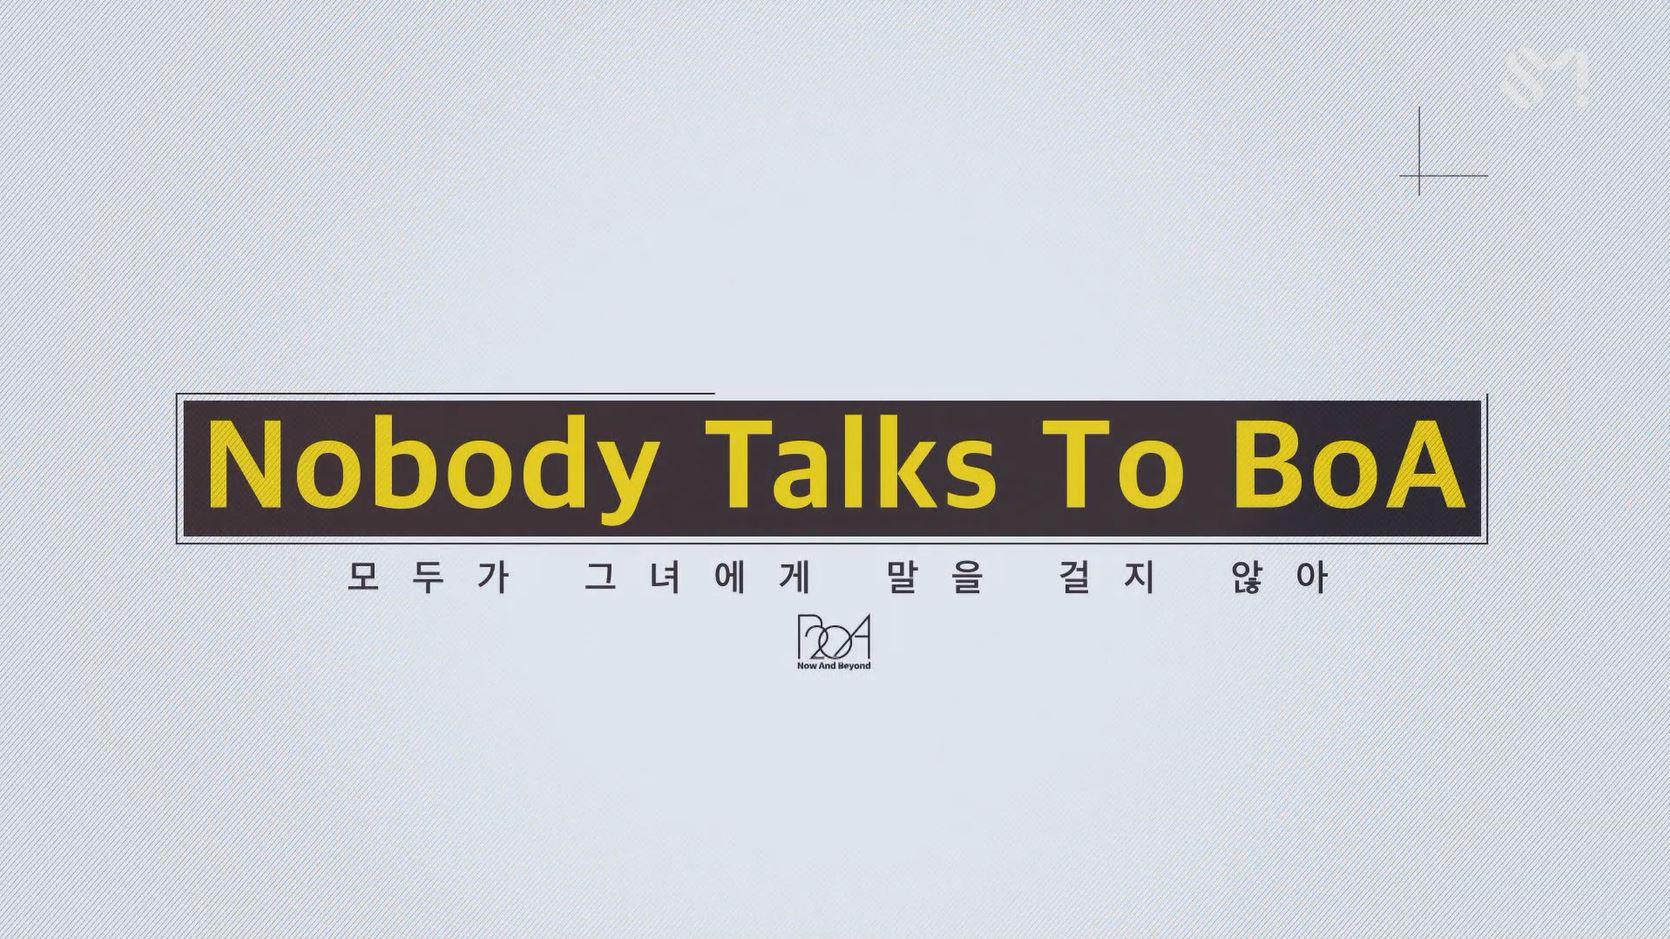 [EP1] <Nobody Talks To BoA - 모두가 그녀에게 말을 걸지 않아 > -  Picky Girl (까다로운 그녀